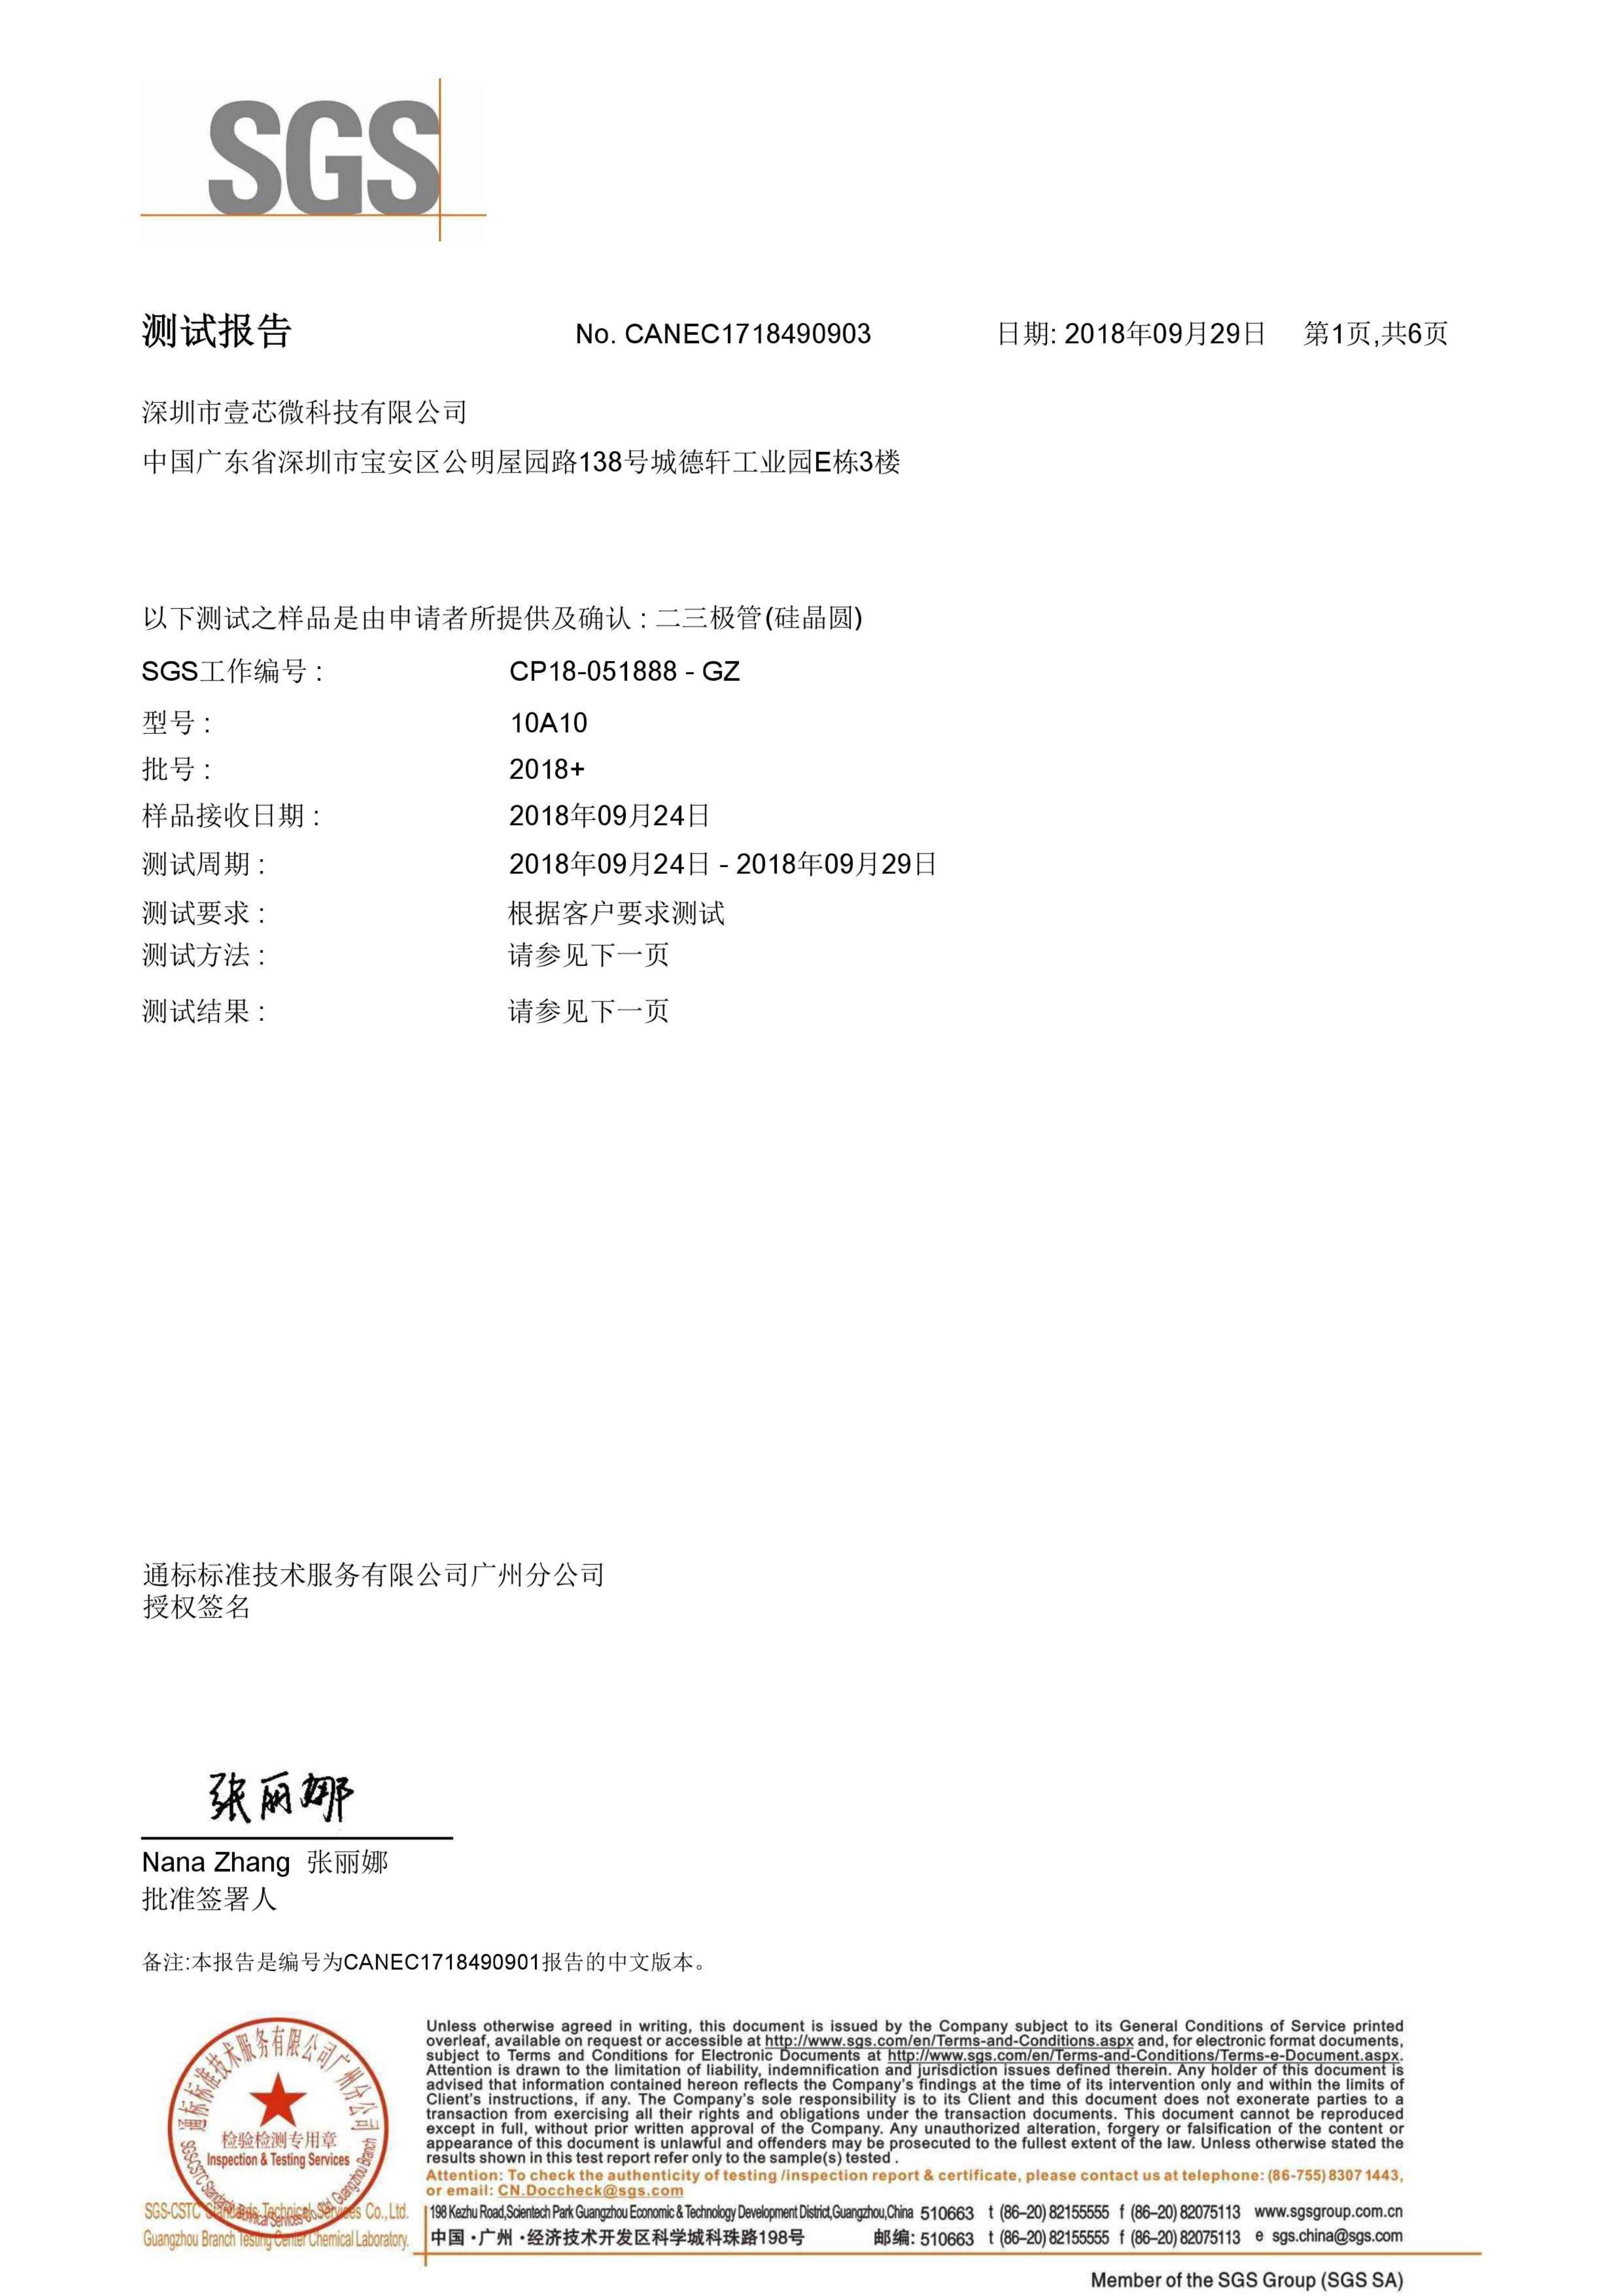 壹芯微(wei)SGS中文(wen)測試報(bao)告